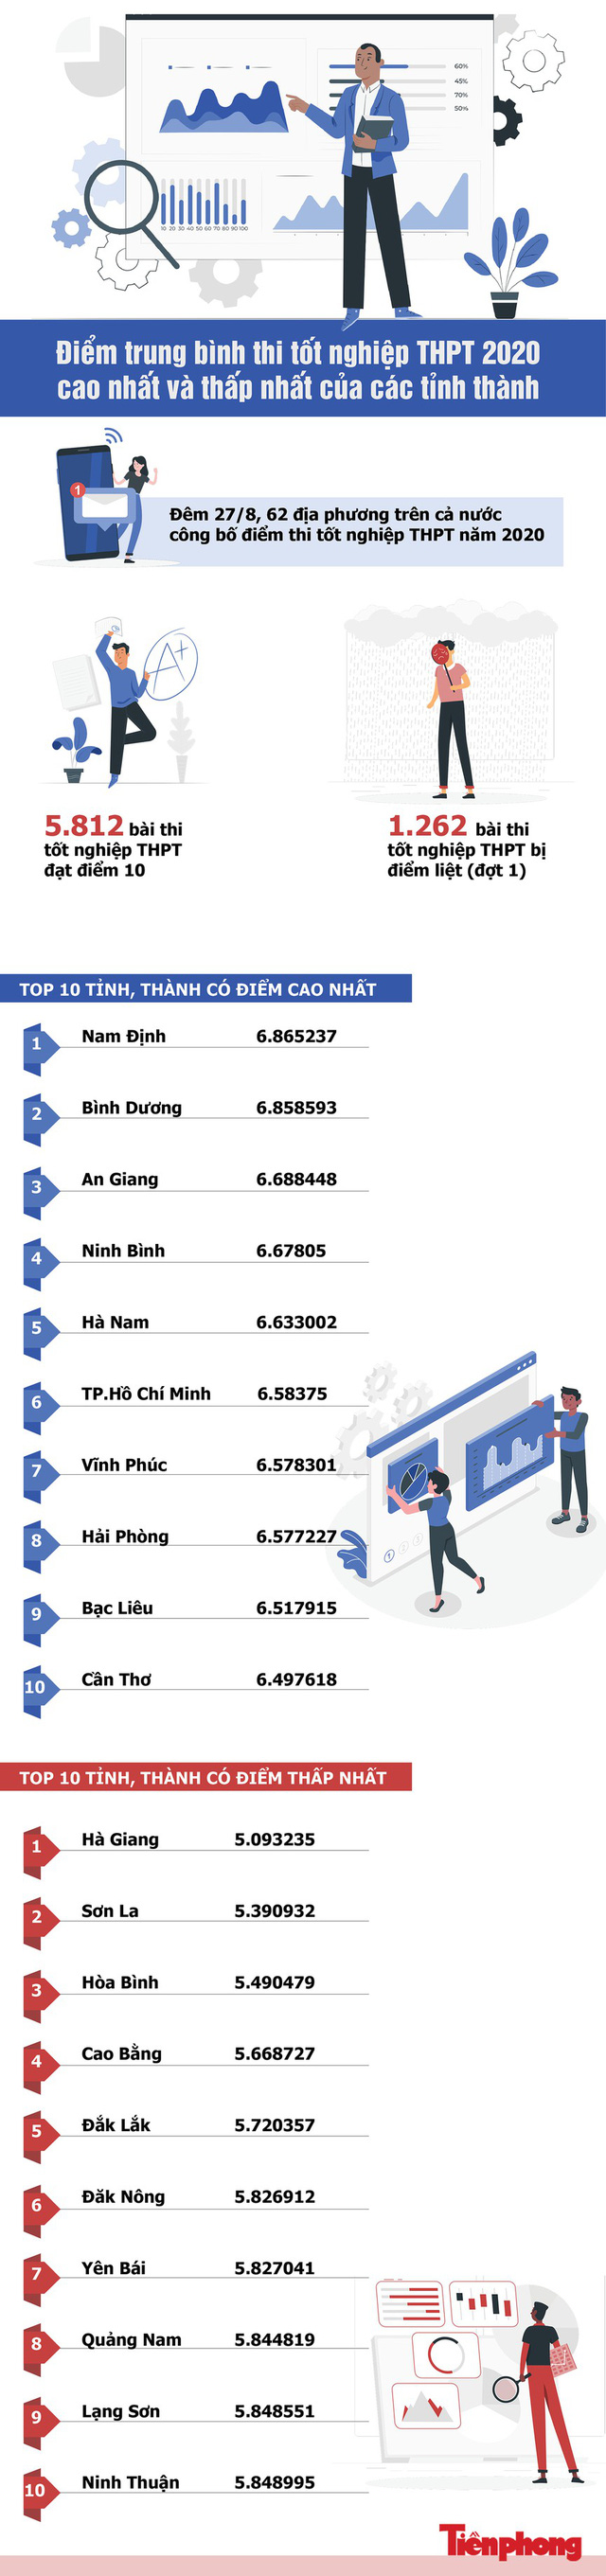 Hà Giang, Sơn La, Hòa Bình đứng ở đâu trên bảng xếp hạng điểm trung bình tốt nghiệp THPT - Ảnh 1.